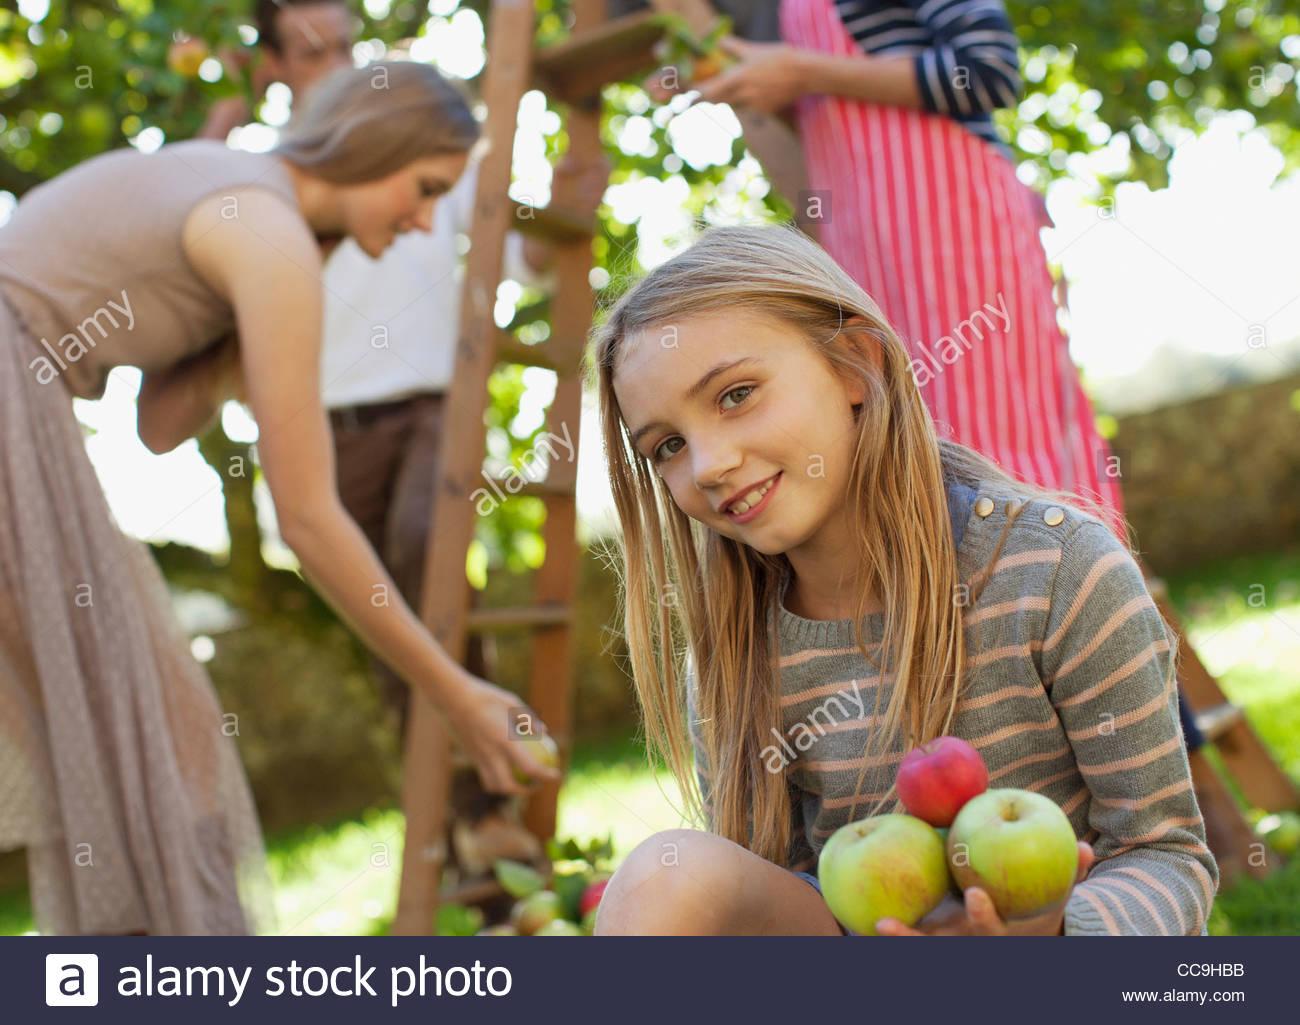 Retrato de niña sonriente sosteniendo las manzanas en huerto Imagen De Stock